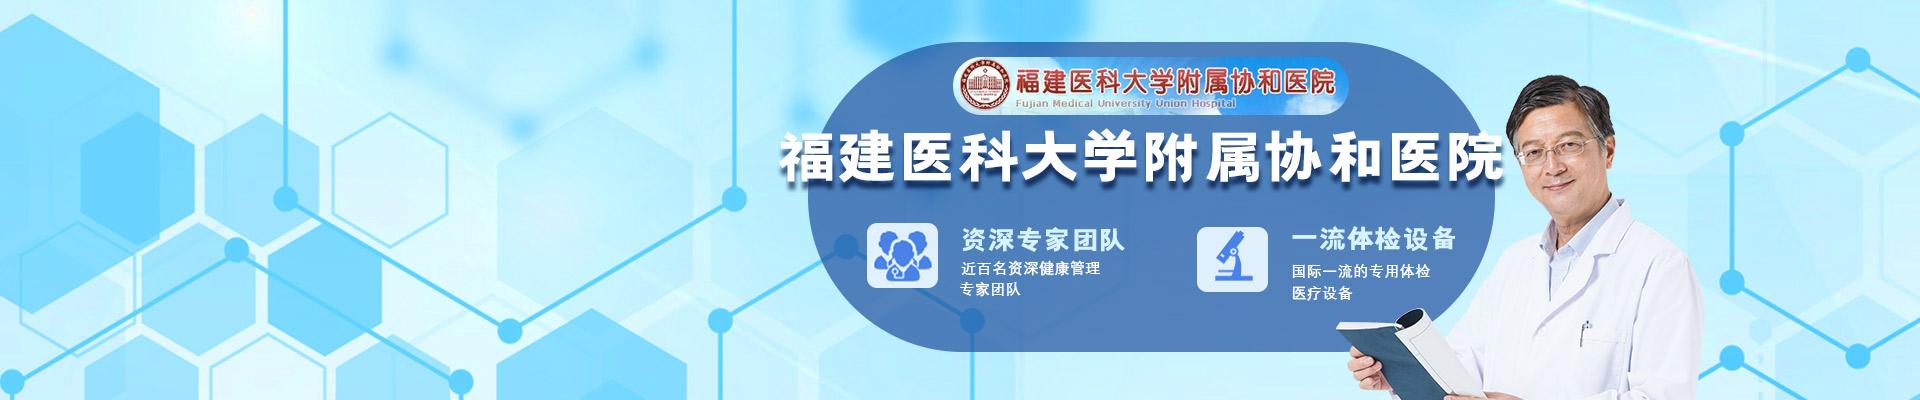 福建医科大学附属协和医院PC